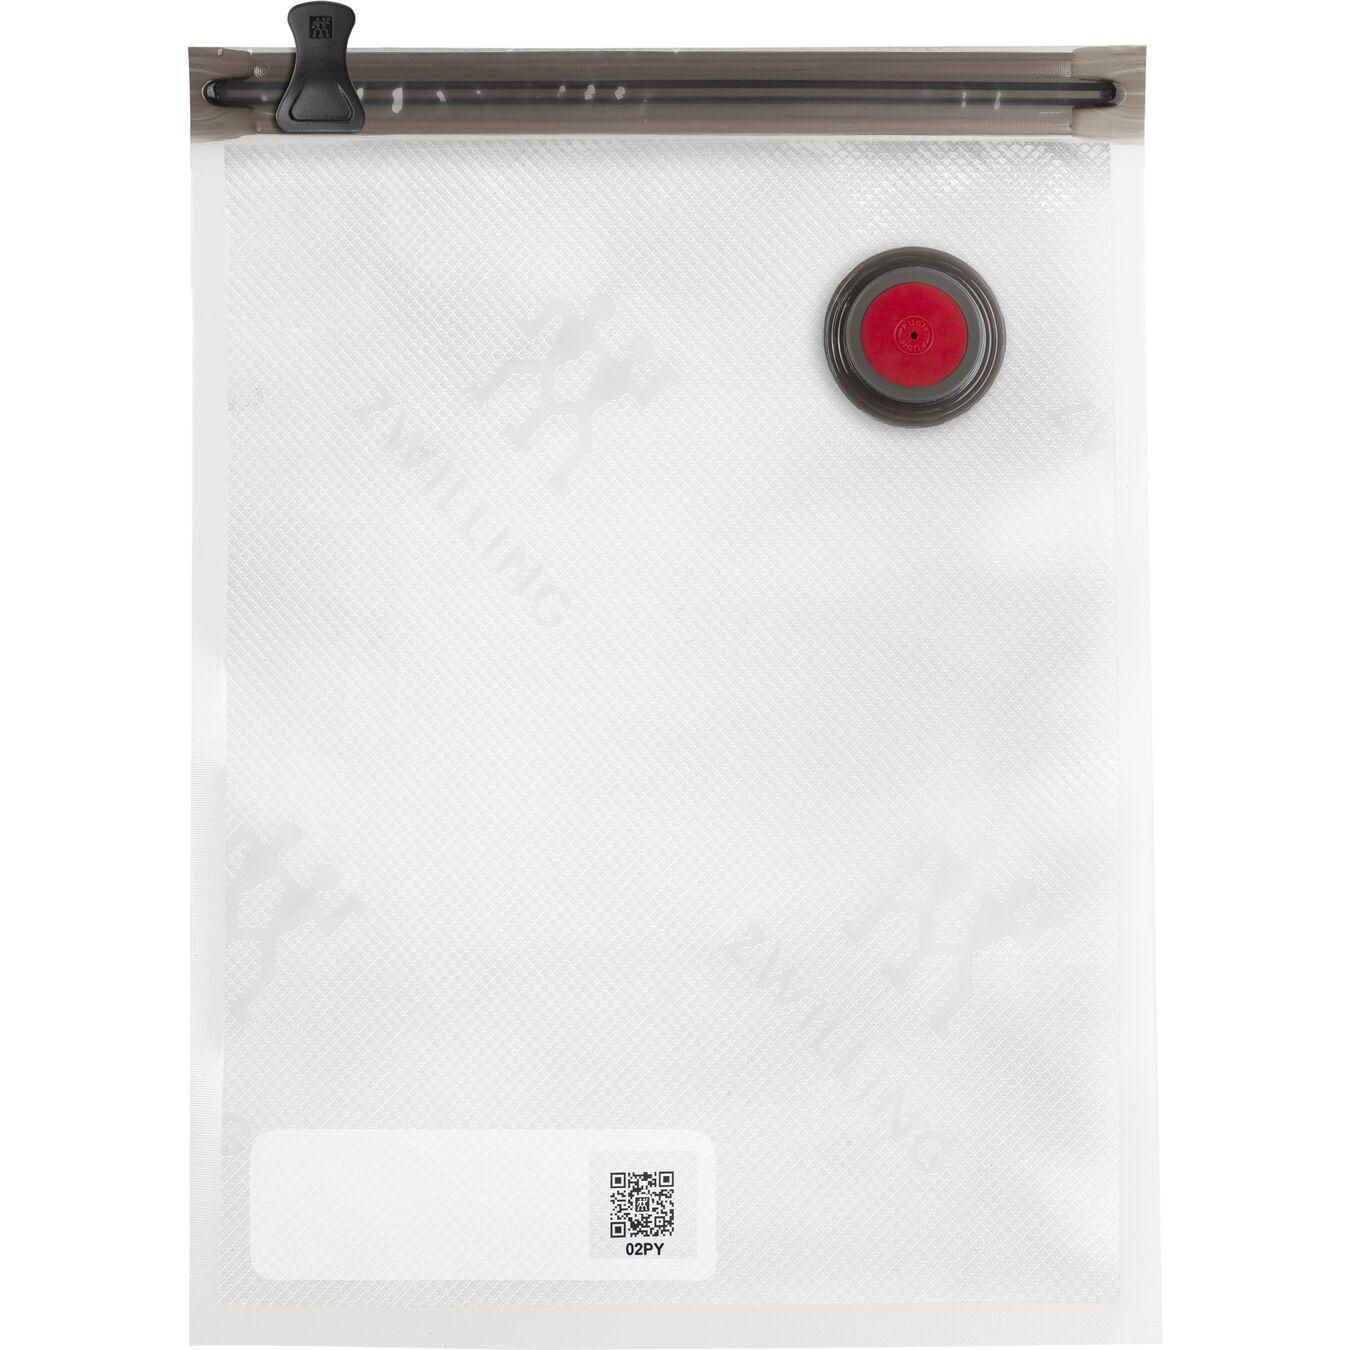 Vakuum Starterset, Kunststoff / M/L, 7-tlg, Weiß,,large 6